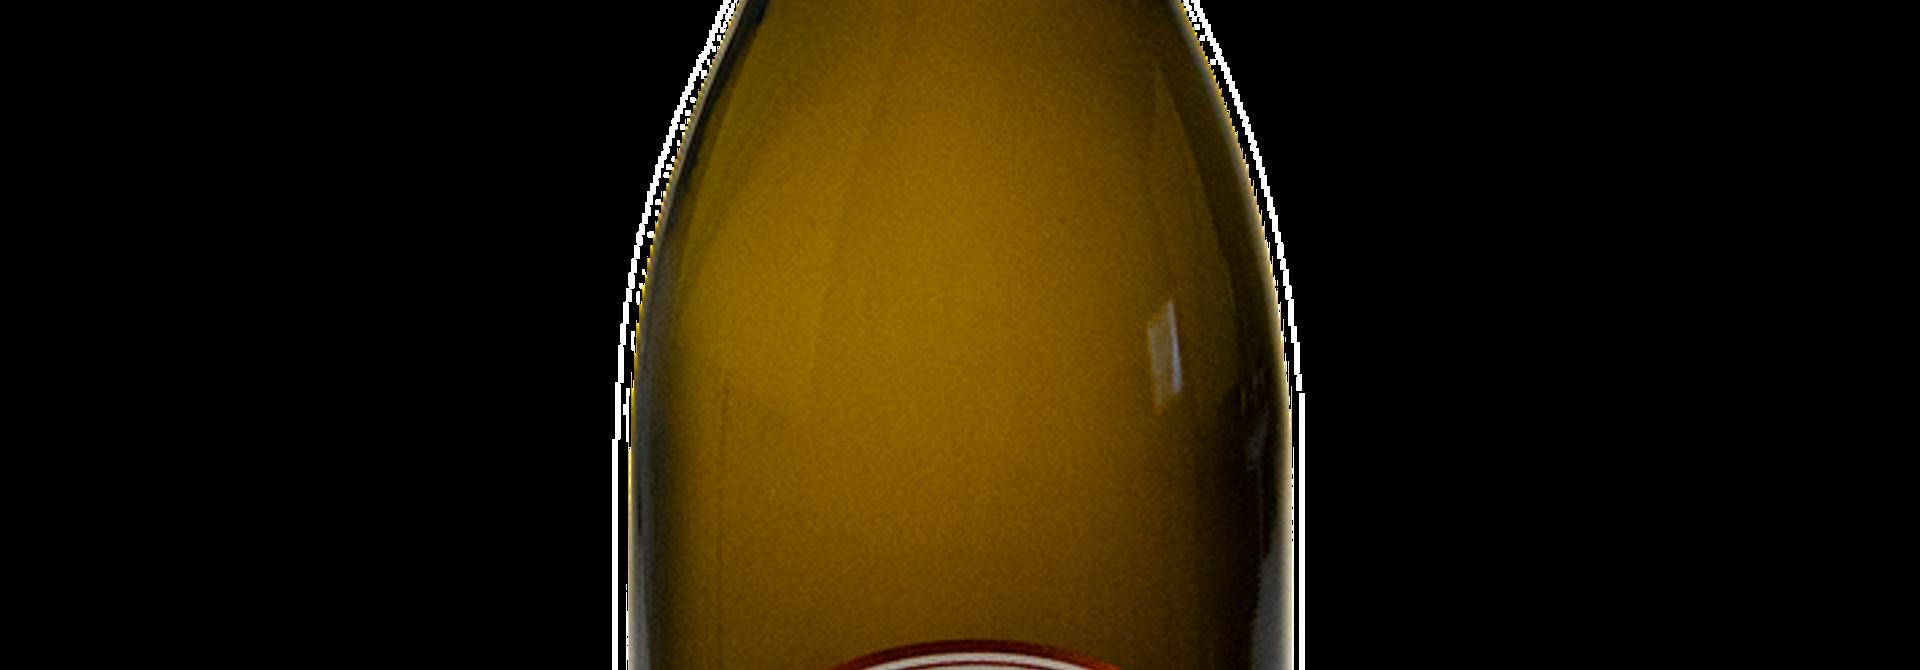 Ernst Gouws & Co Chardonnay 2019